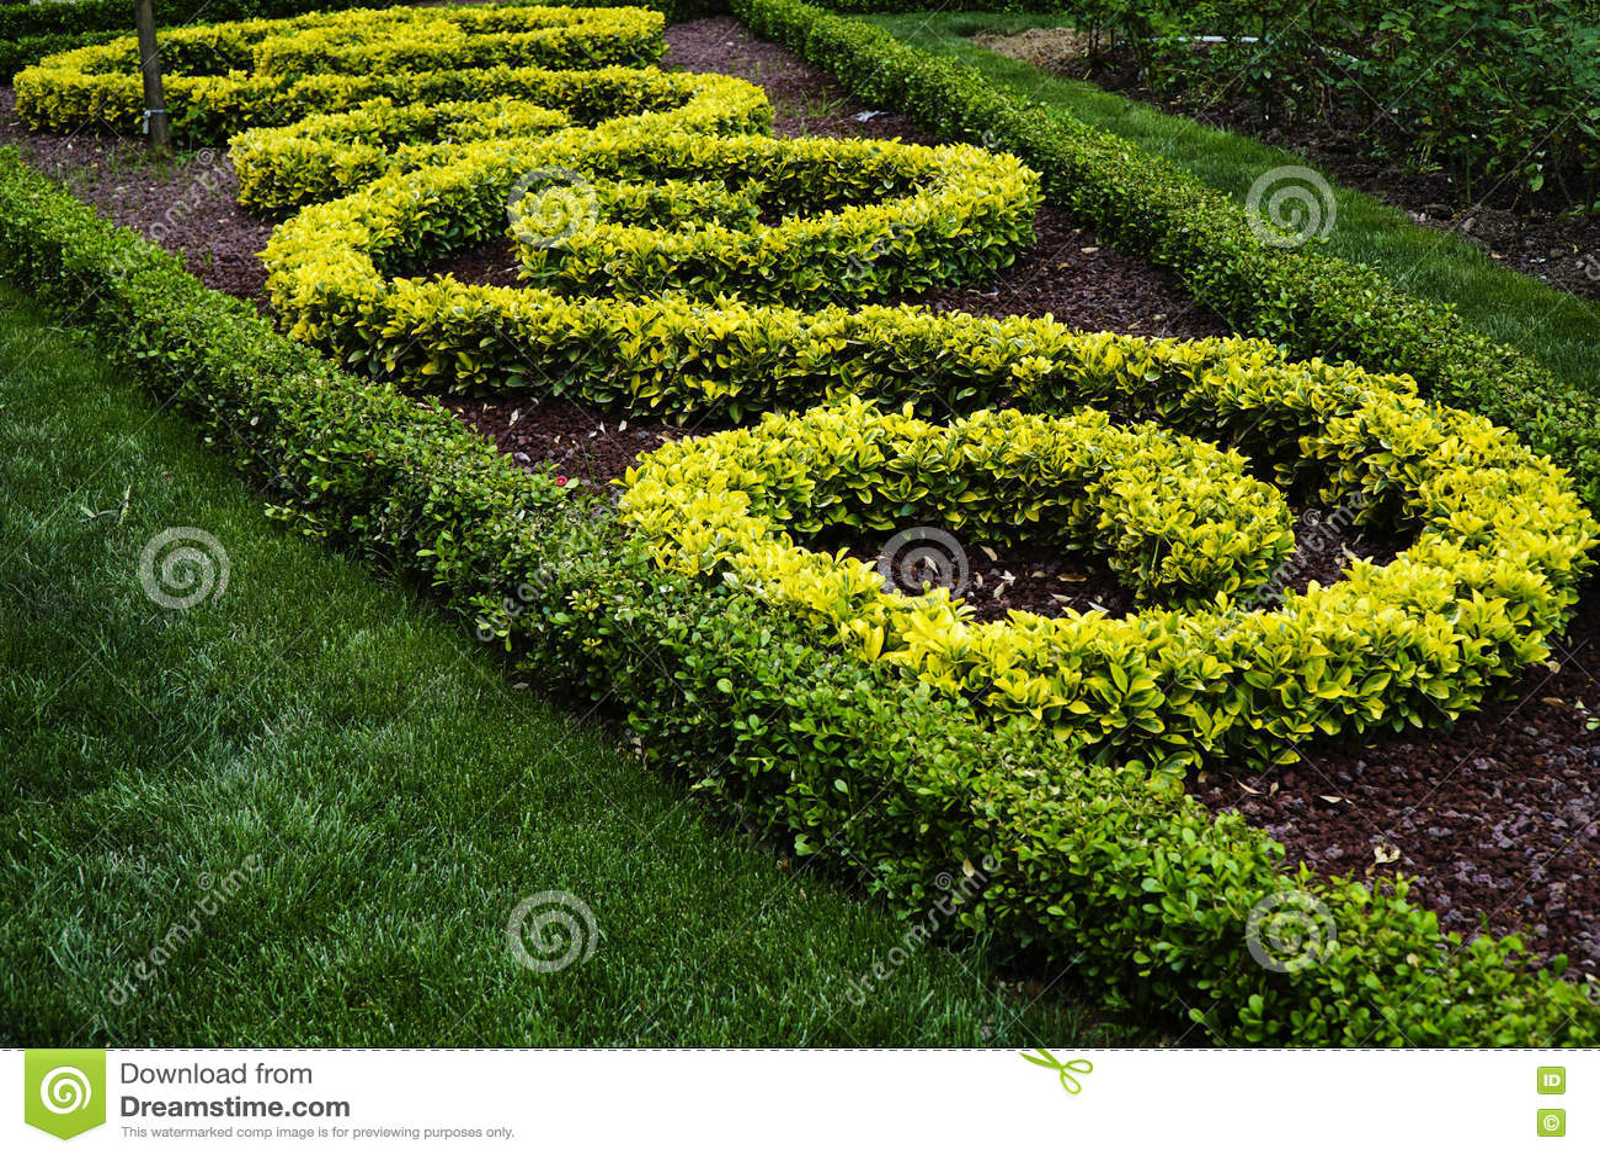 Arbustos ornamentales en un parque imagen de archivo for Arbustos ornamentales de exterior